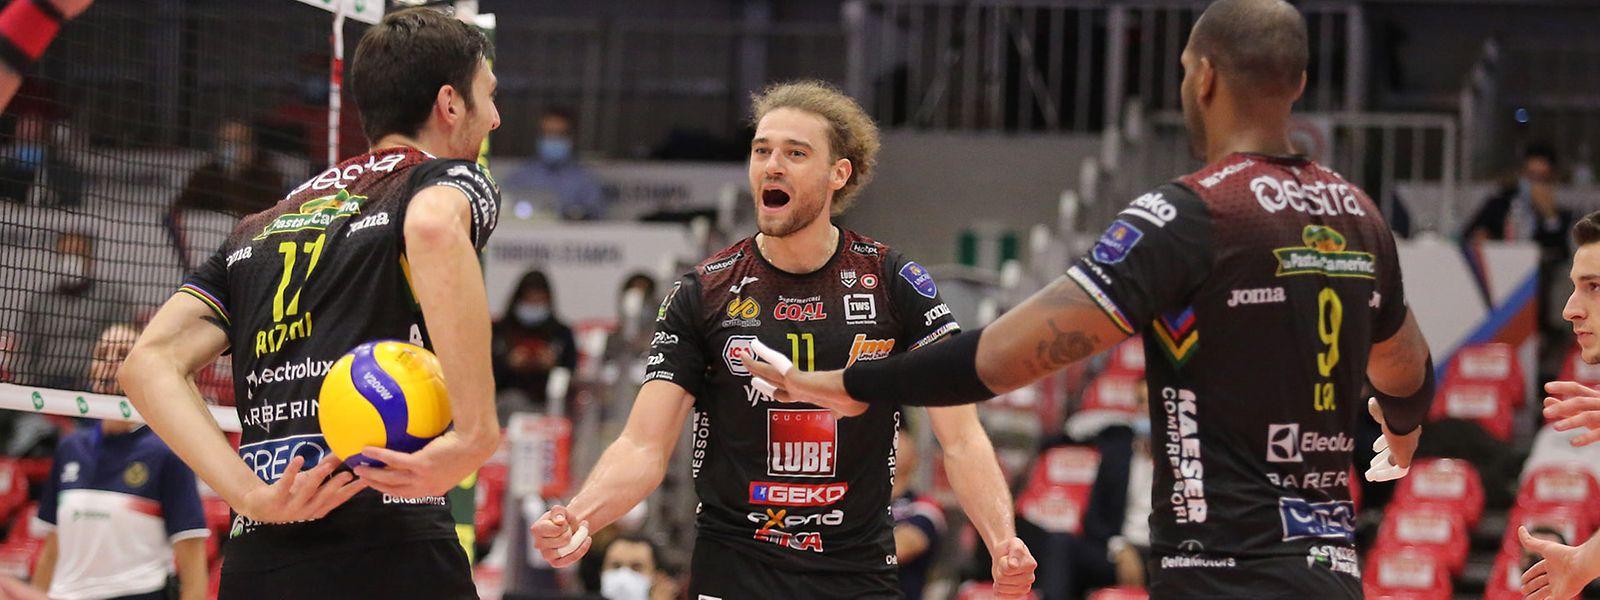 Kamil Rychlicki, Yoandy Leal (r.) und Simone Anzani (l.) bekommen es mit einem starken Ligakonkurrenten zu tun.